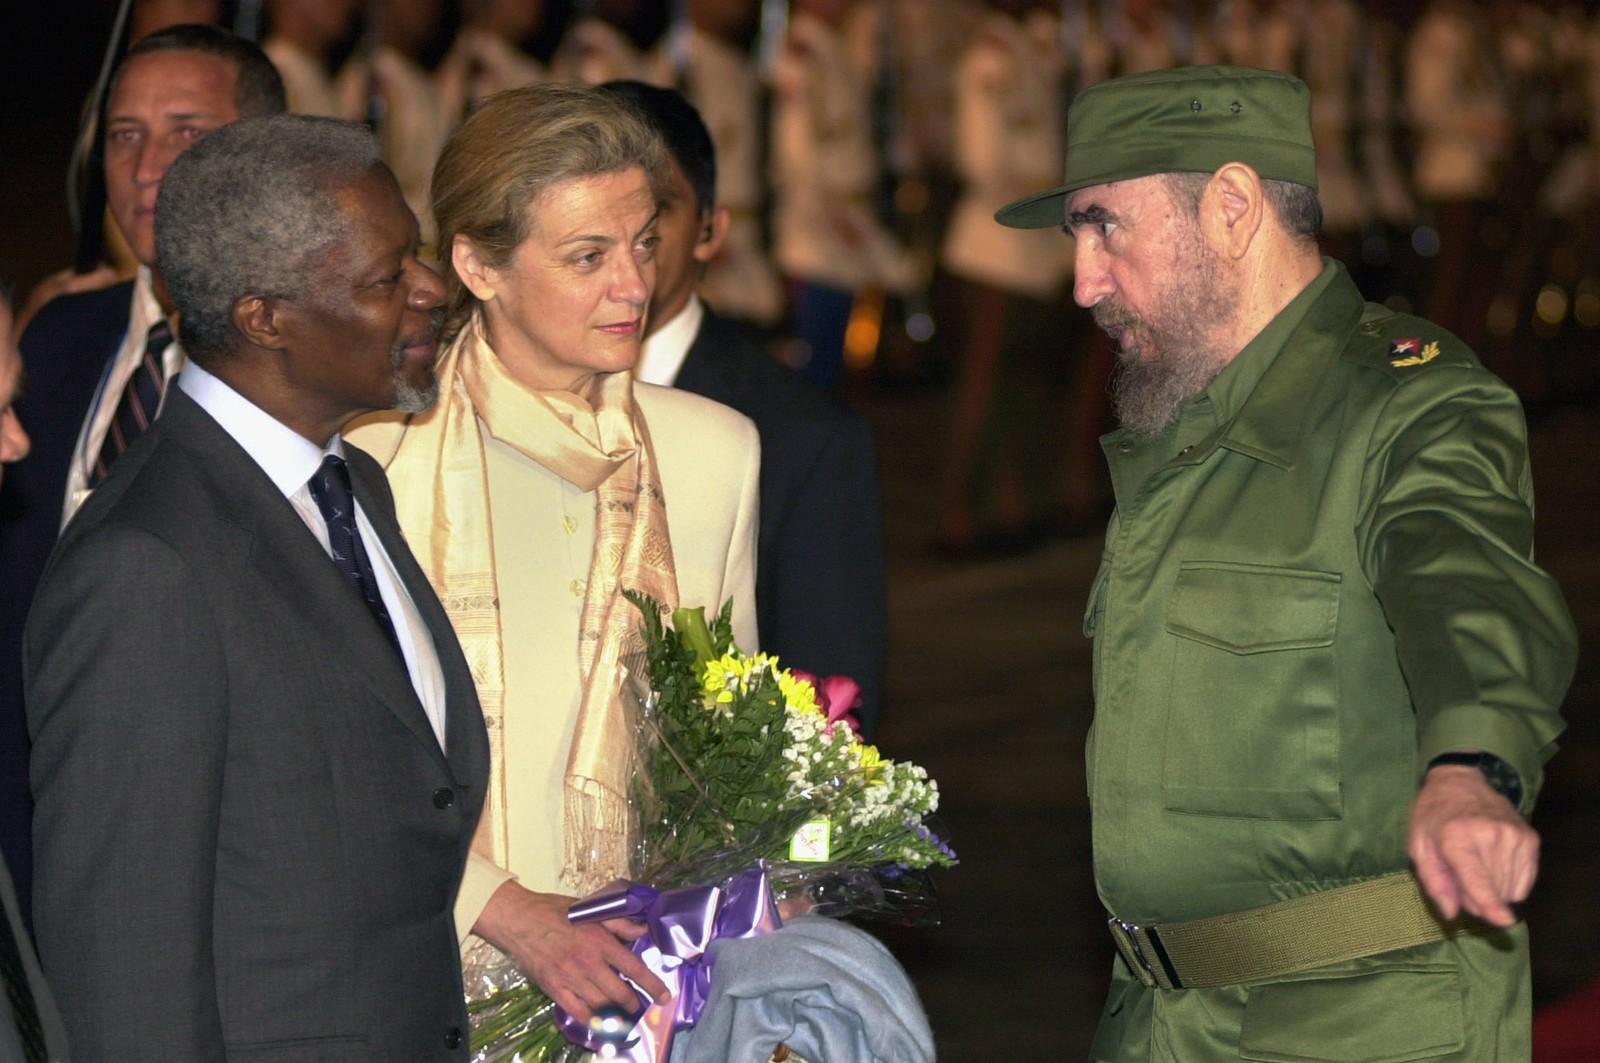 Fidel Castro tok imot den daværende FN-sjefen Kofi Annan og hans ektefelle Nane i forbindelse med et internasjonalt stormøte i Havana i april 2000.